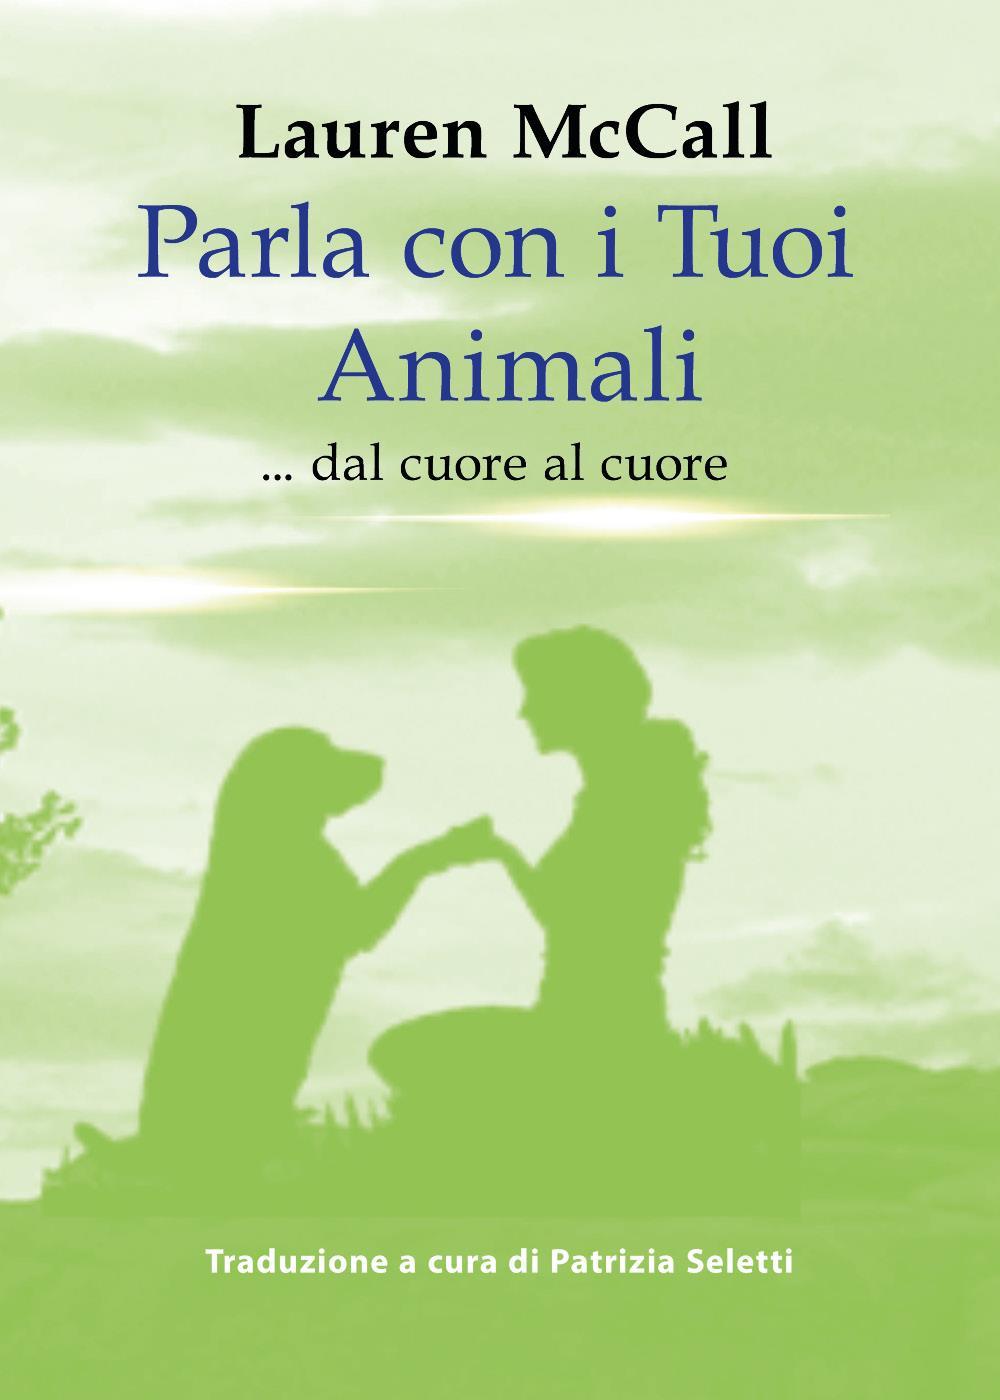 Parla con i tuoi animali